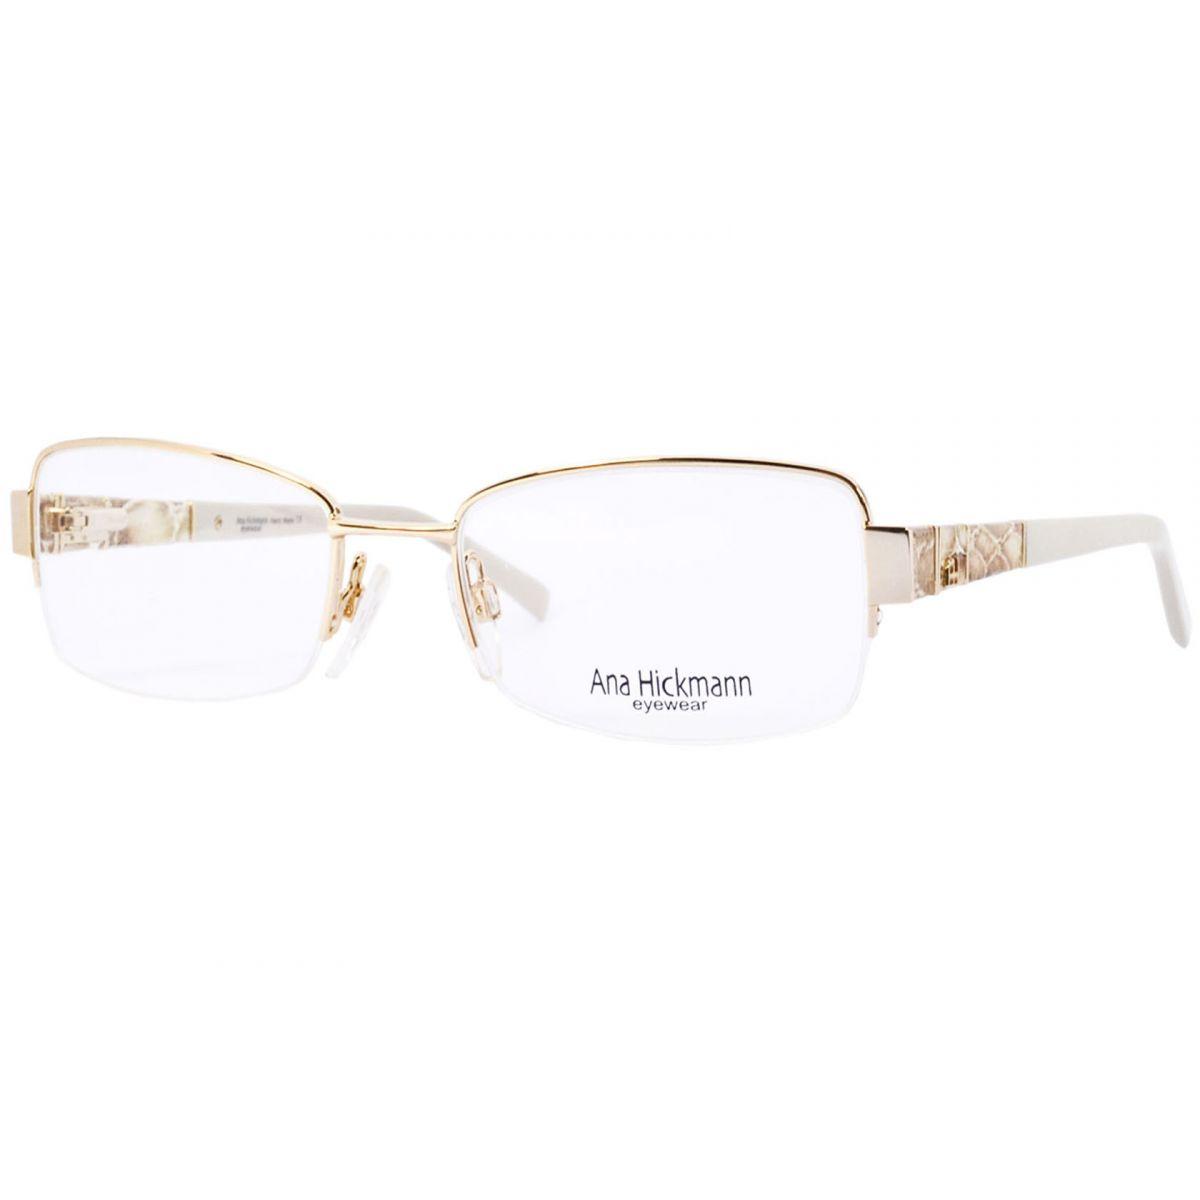 Armação De Oculos Ana Hickmann Eyewear   David Simchi-Levi 7701962ac9